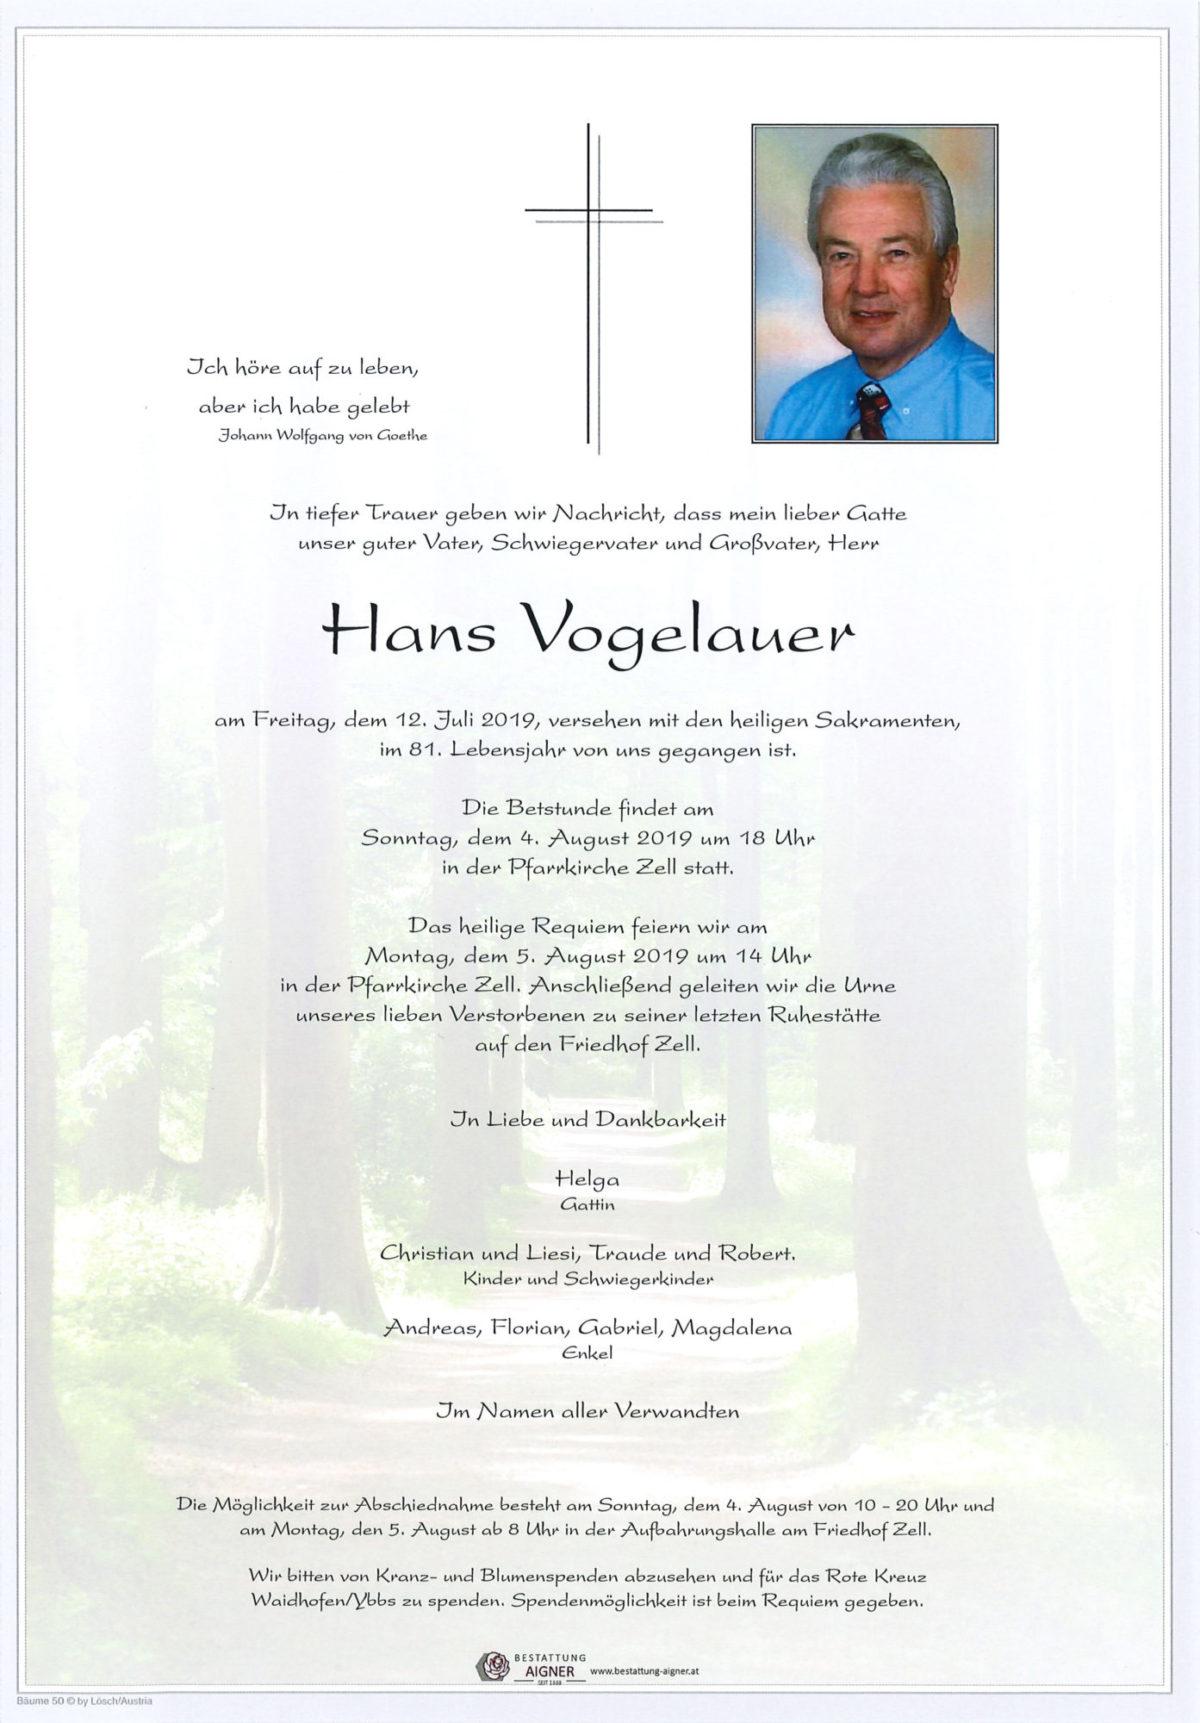 Hans Vogelauer